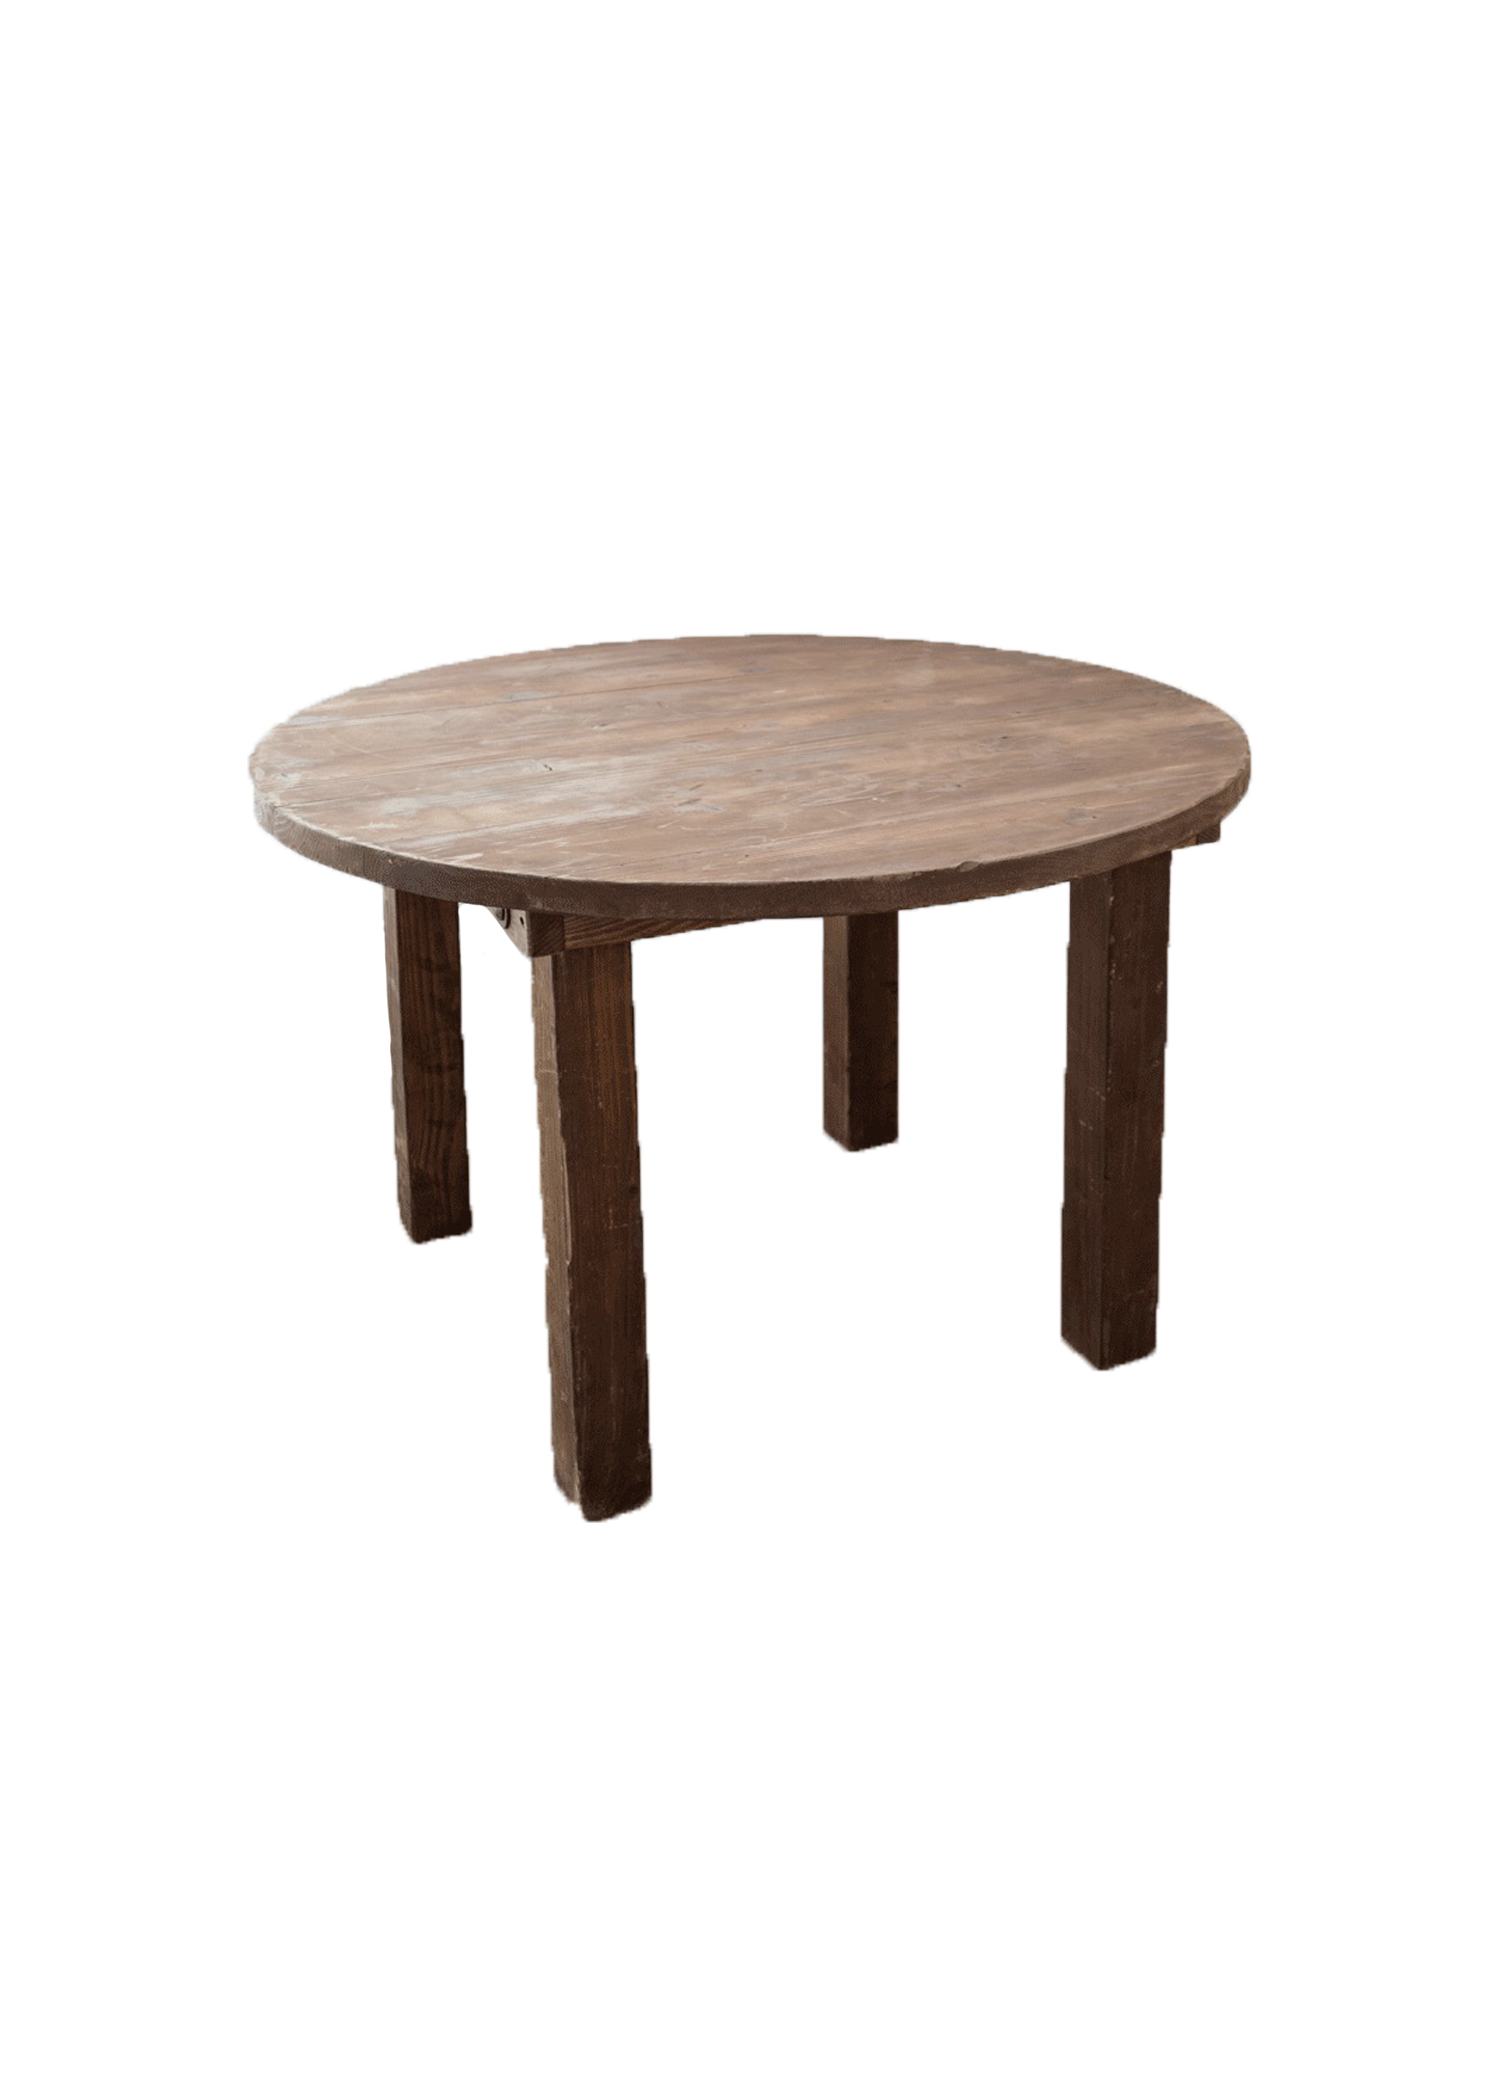 Mahogany Round Farm Table